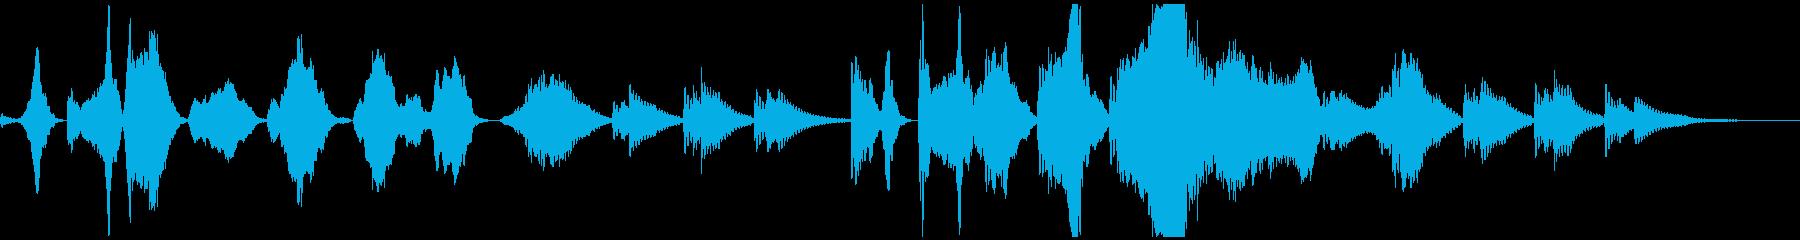 ホラー・事件・ミステリーで怖いフルート曲の再生済みの波形